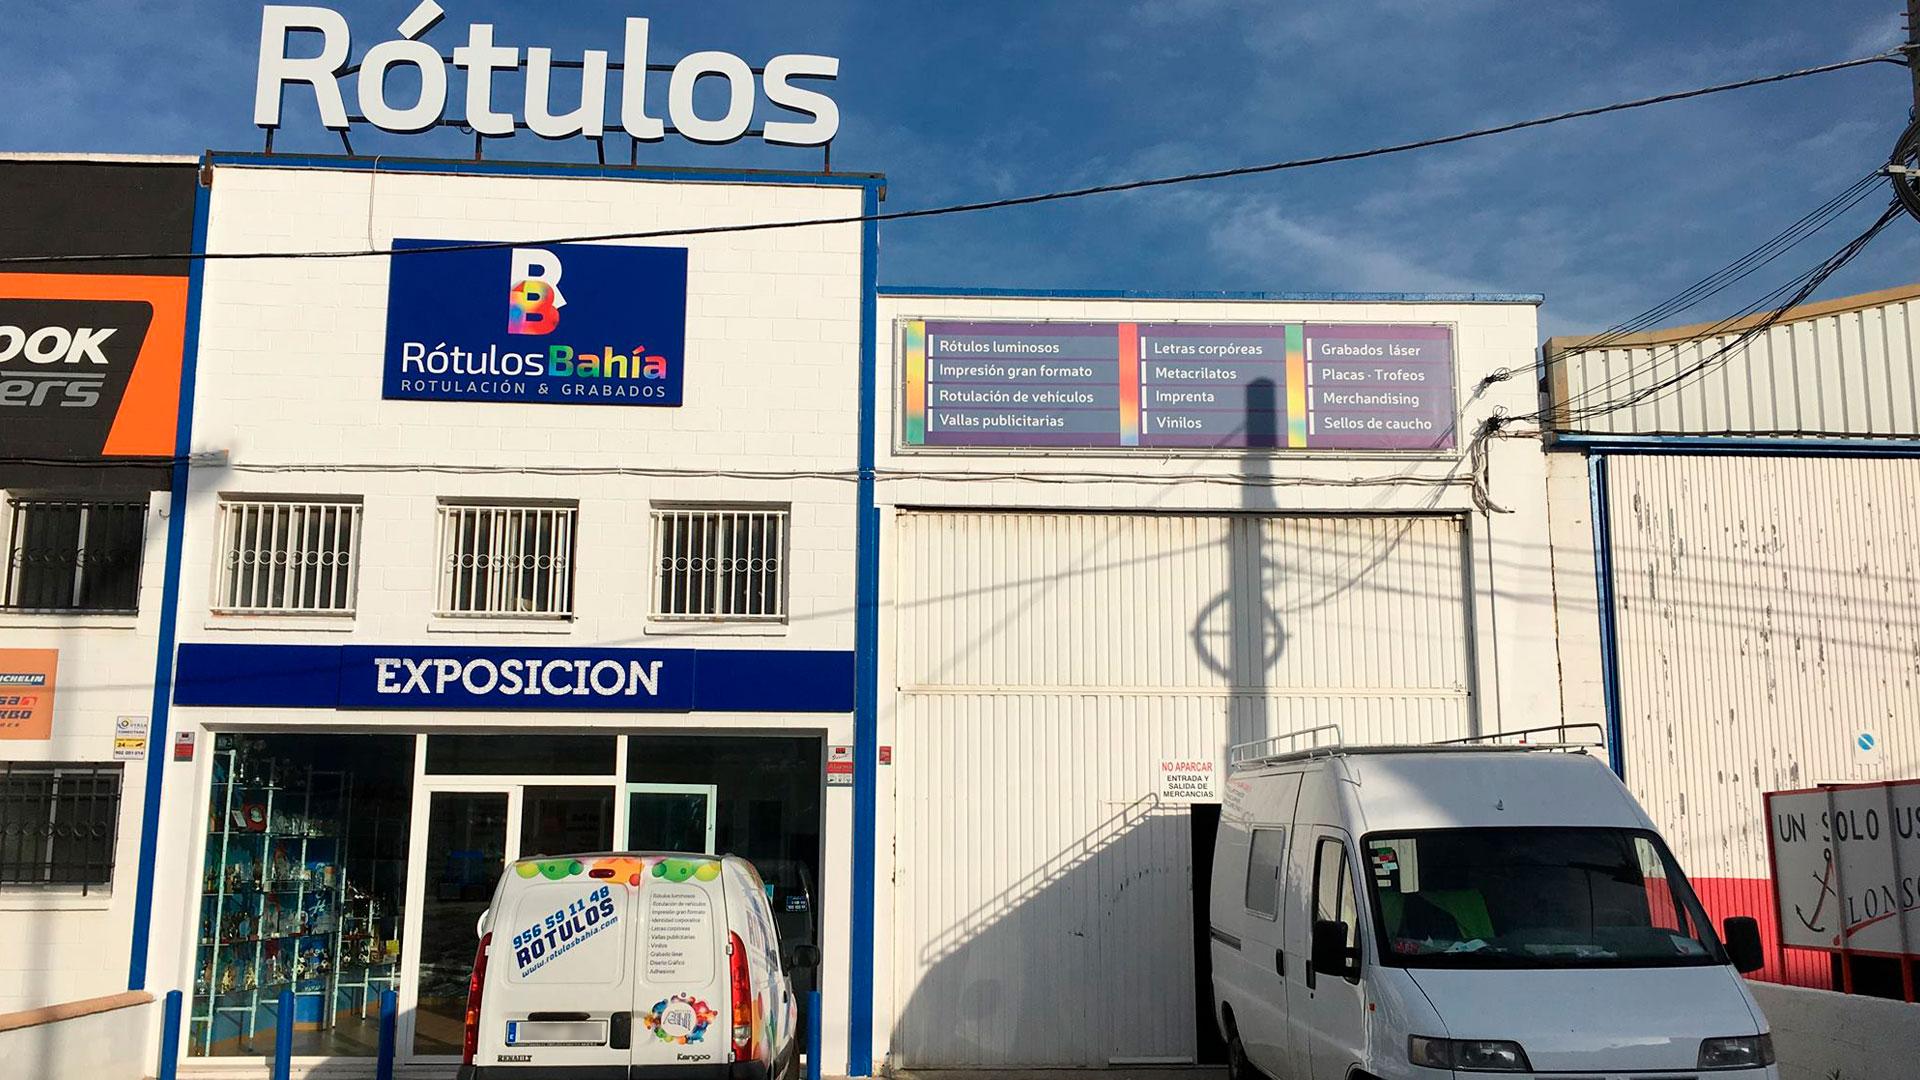 Rótulos Bahía: Rotulos y grabados en San Fernando (Cádiz)